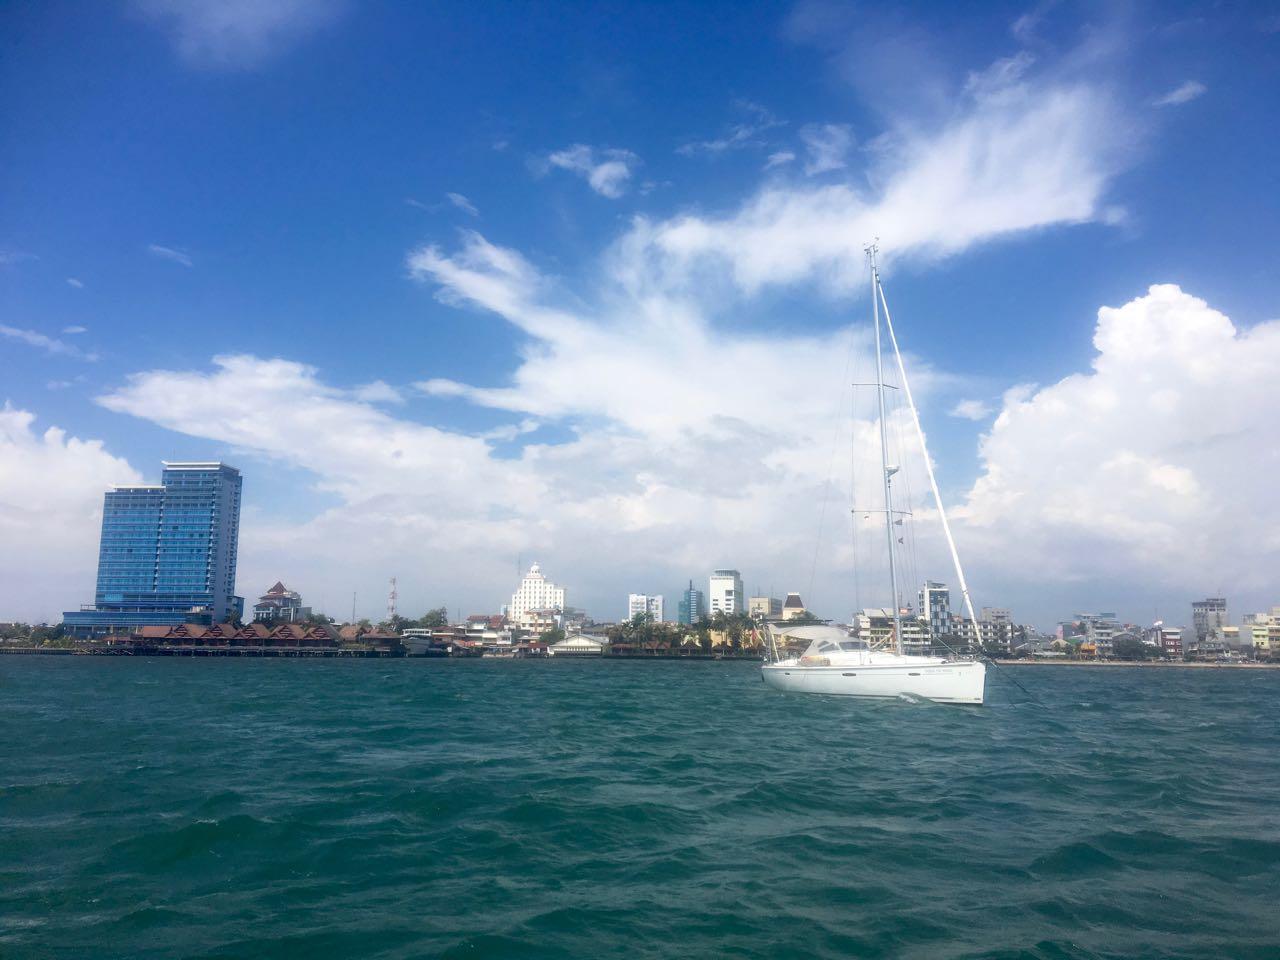 Unsere hapa na sasa liegt vor Anker vor Makassar in Indonesien